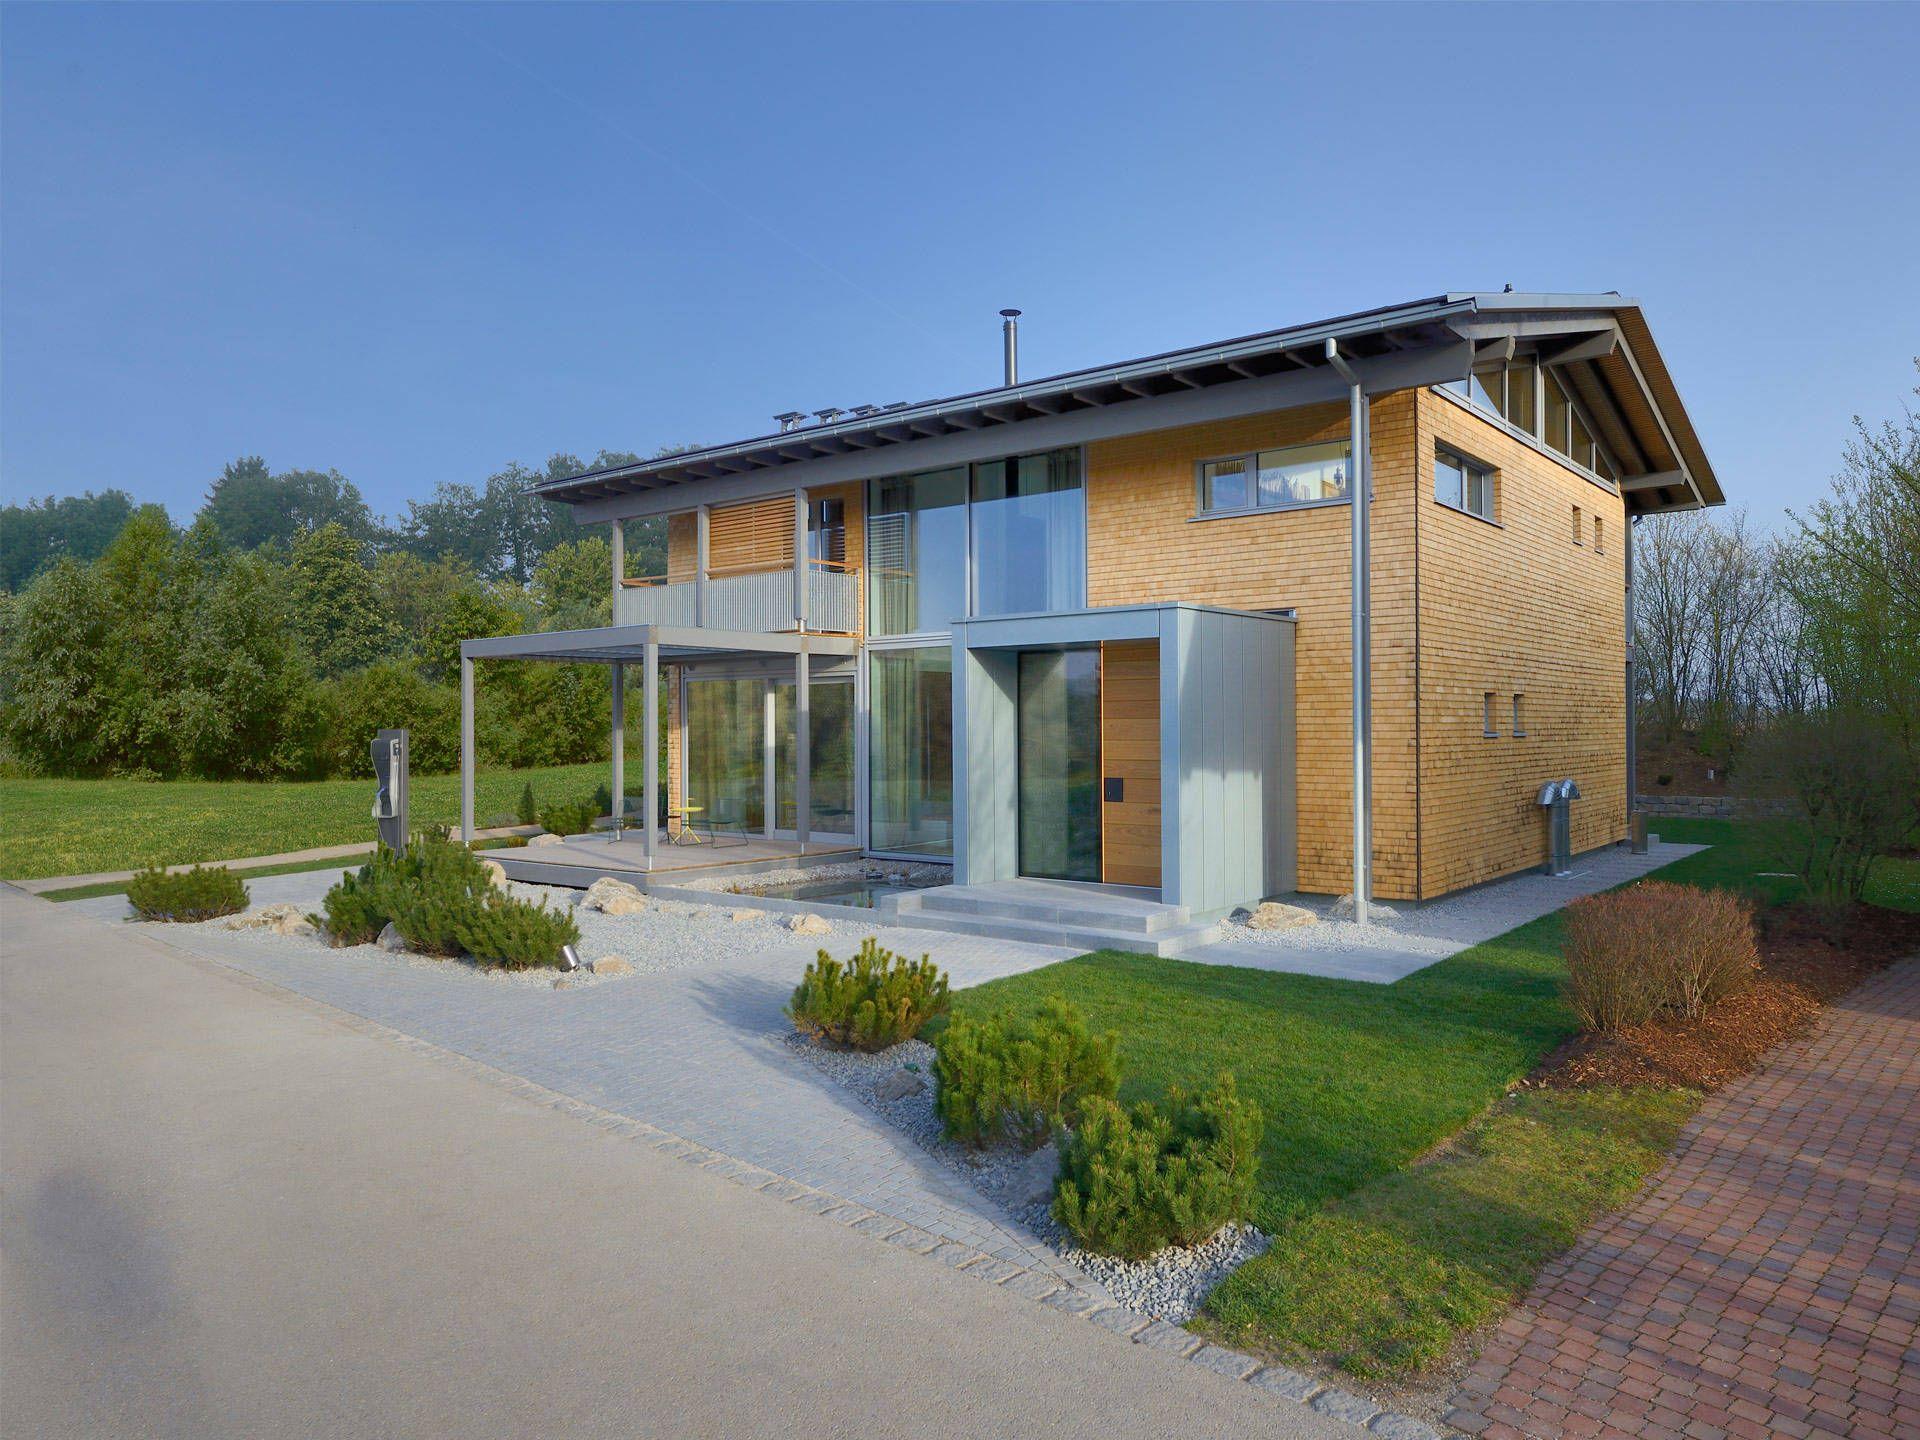 Modernes holzhaus satteldach  Singlehaus • Holzhaus von Palisadio • Attraktiver Bungalow mit ...